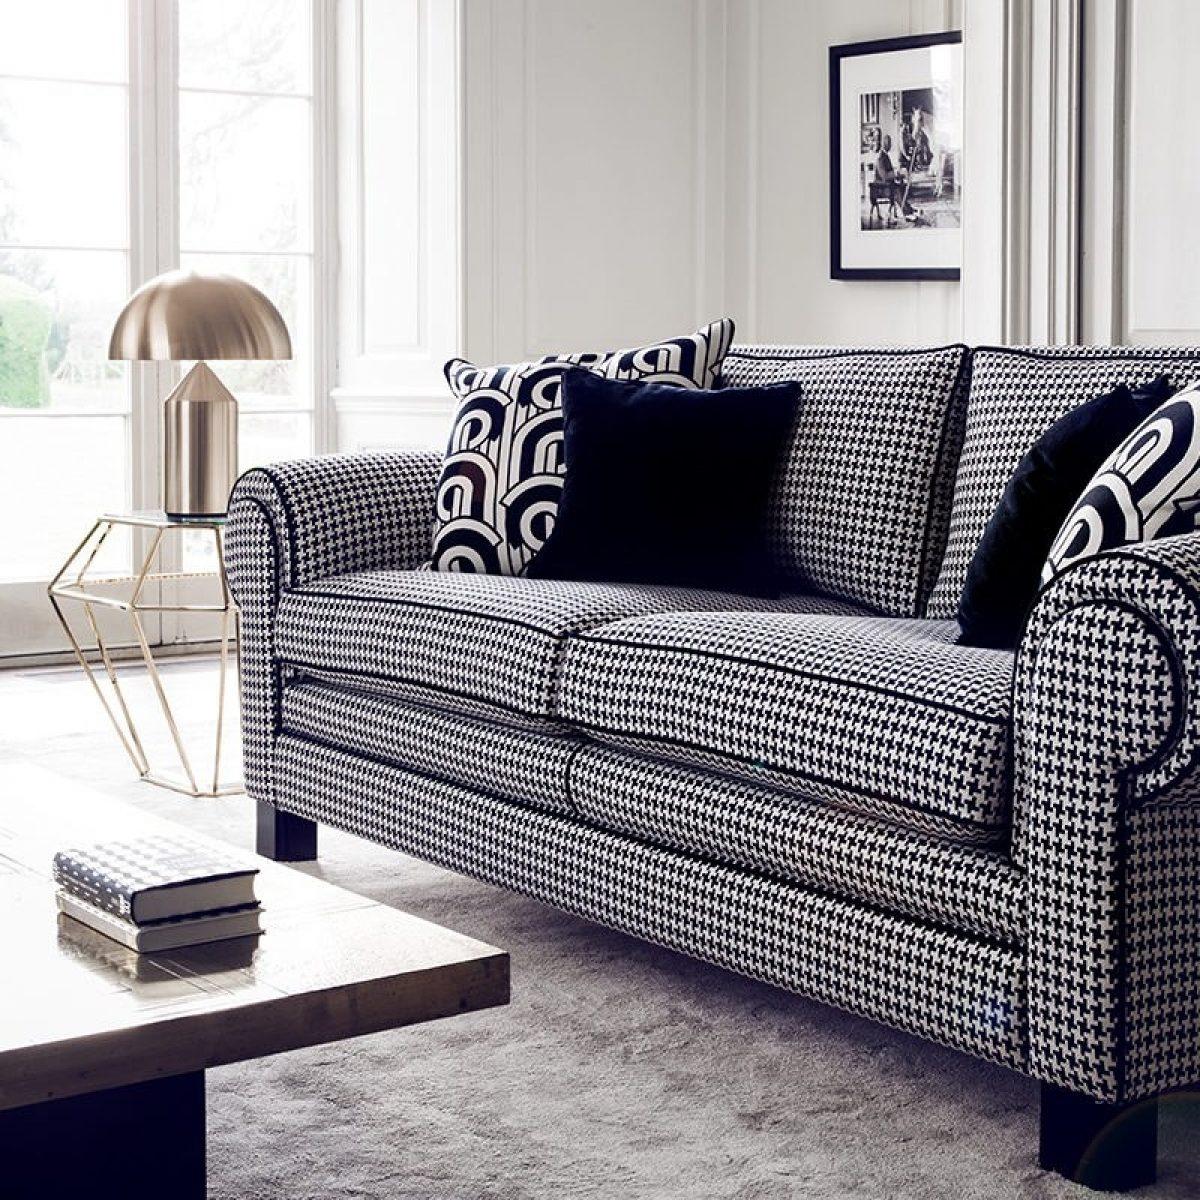 Duresta coco large sofa 800x800 800x800